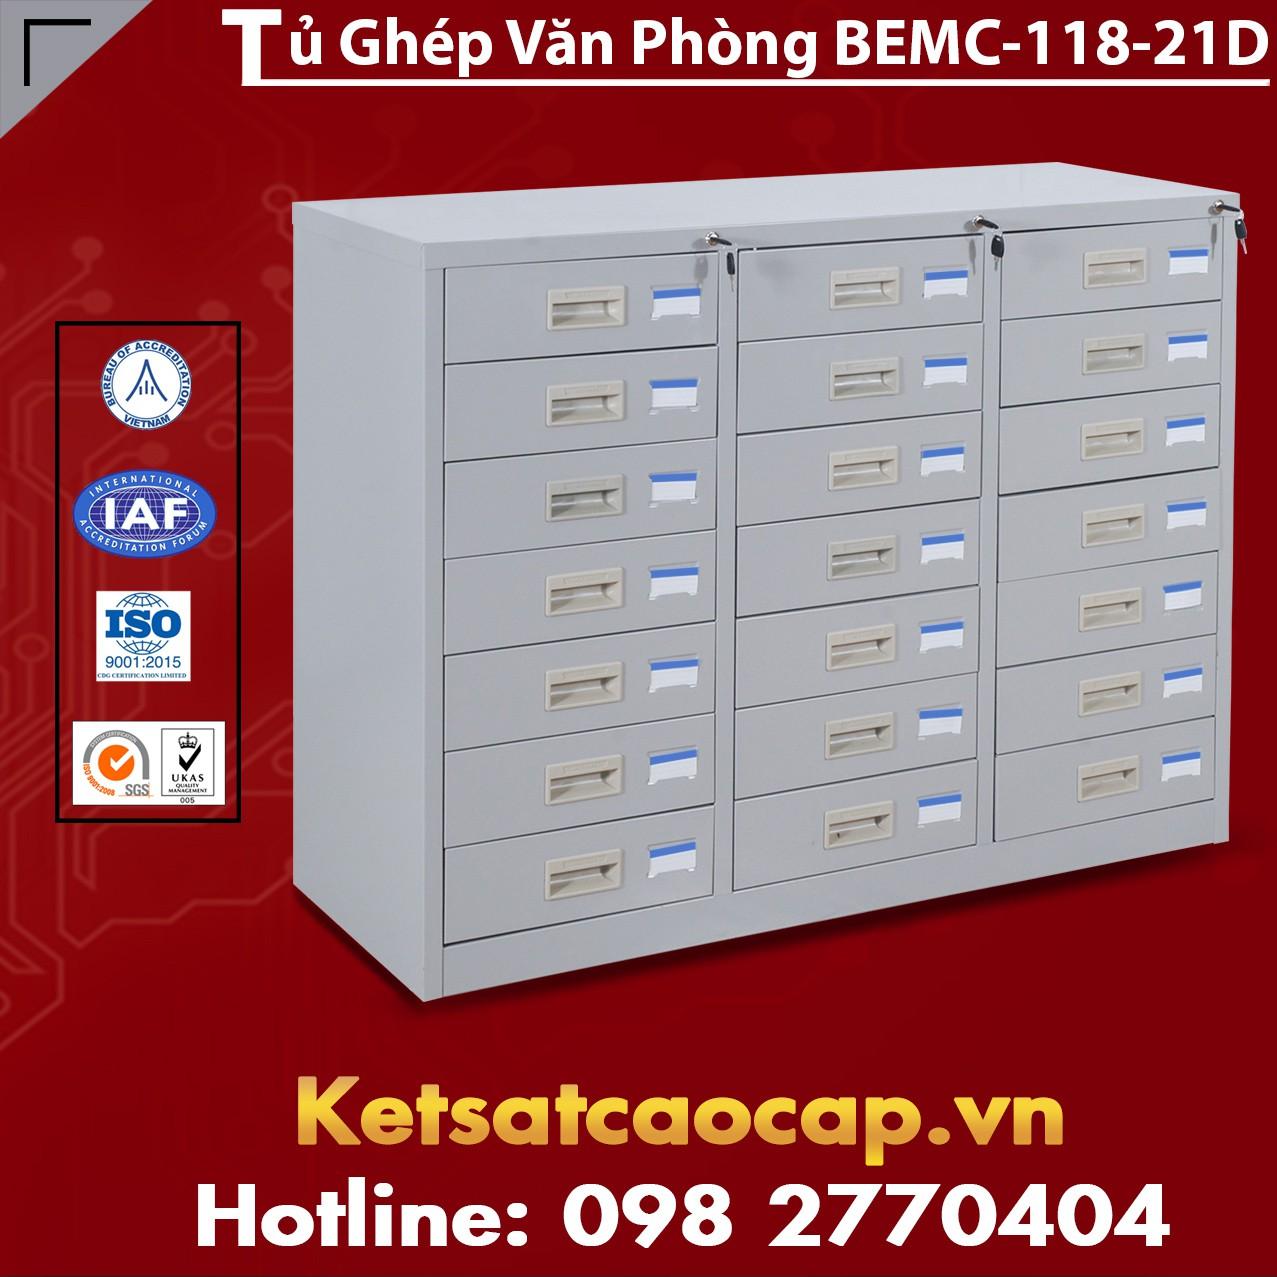 Tủ Ghép Văn Phòng BEMC-118-21D